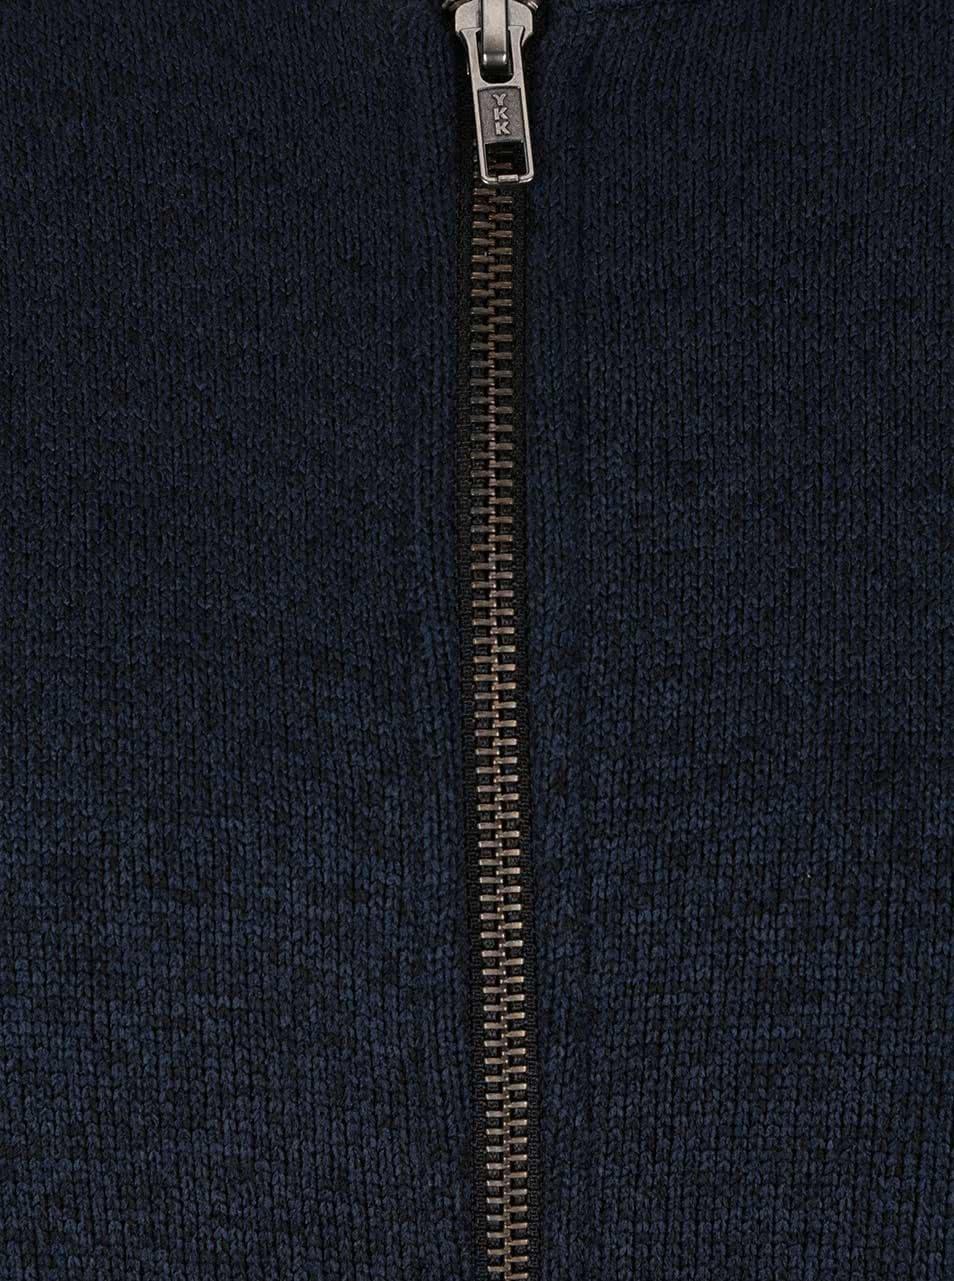 Tmavomodrá melírovaná mikina na zips Jack   Jones Texture ... 58a6d06fca